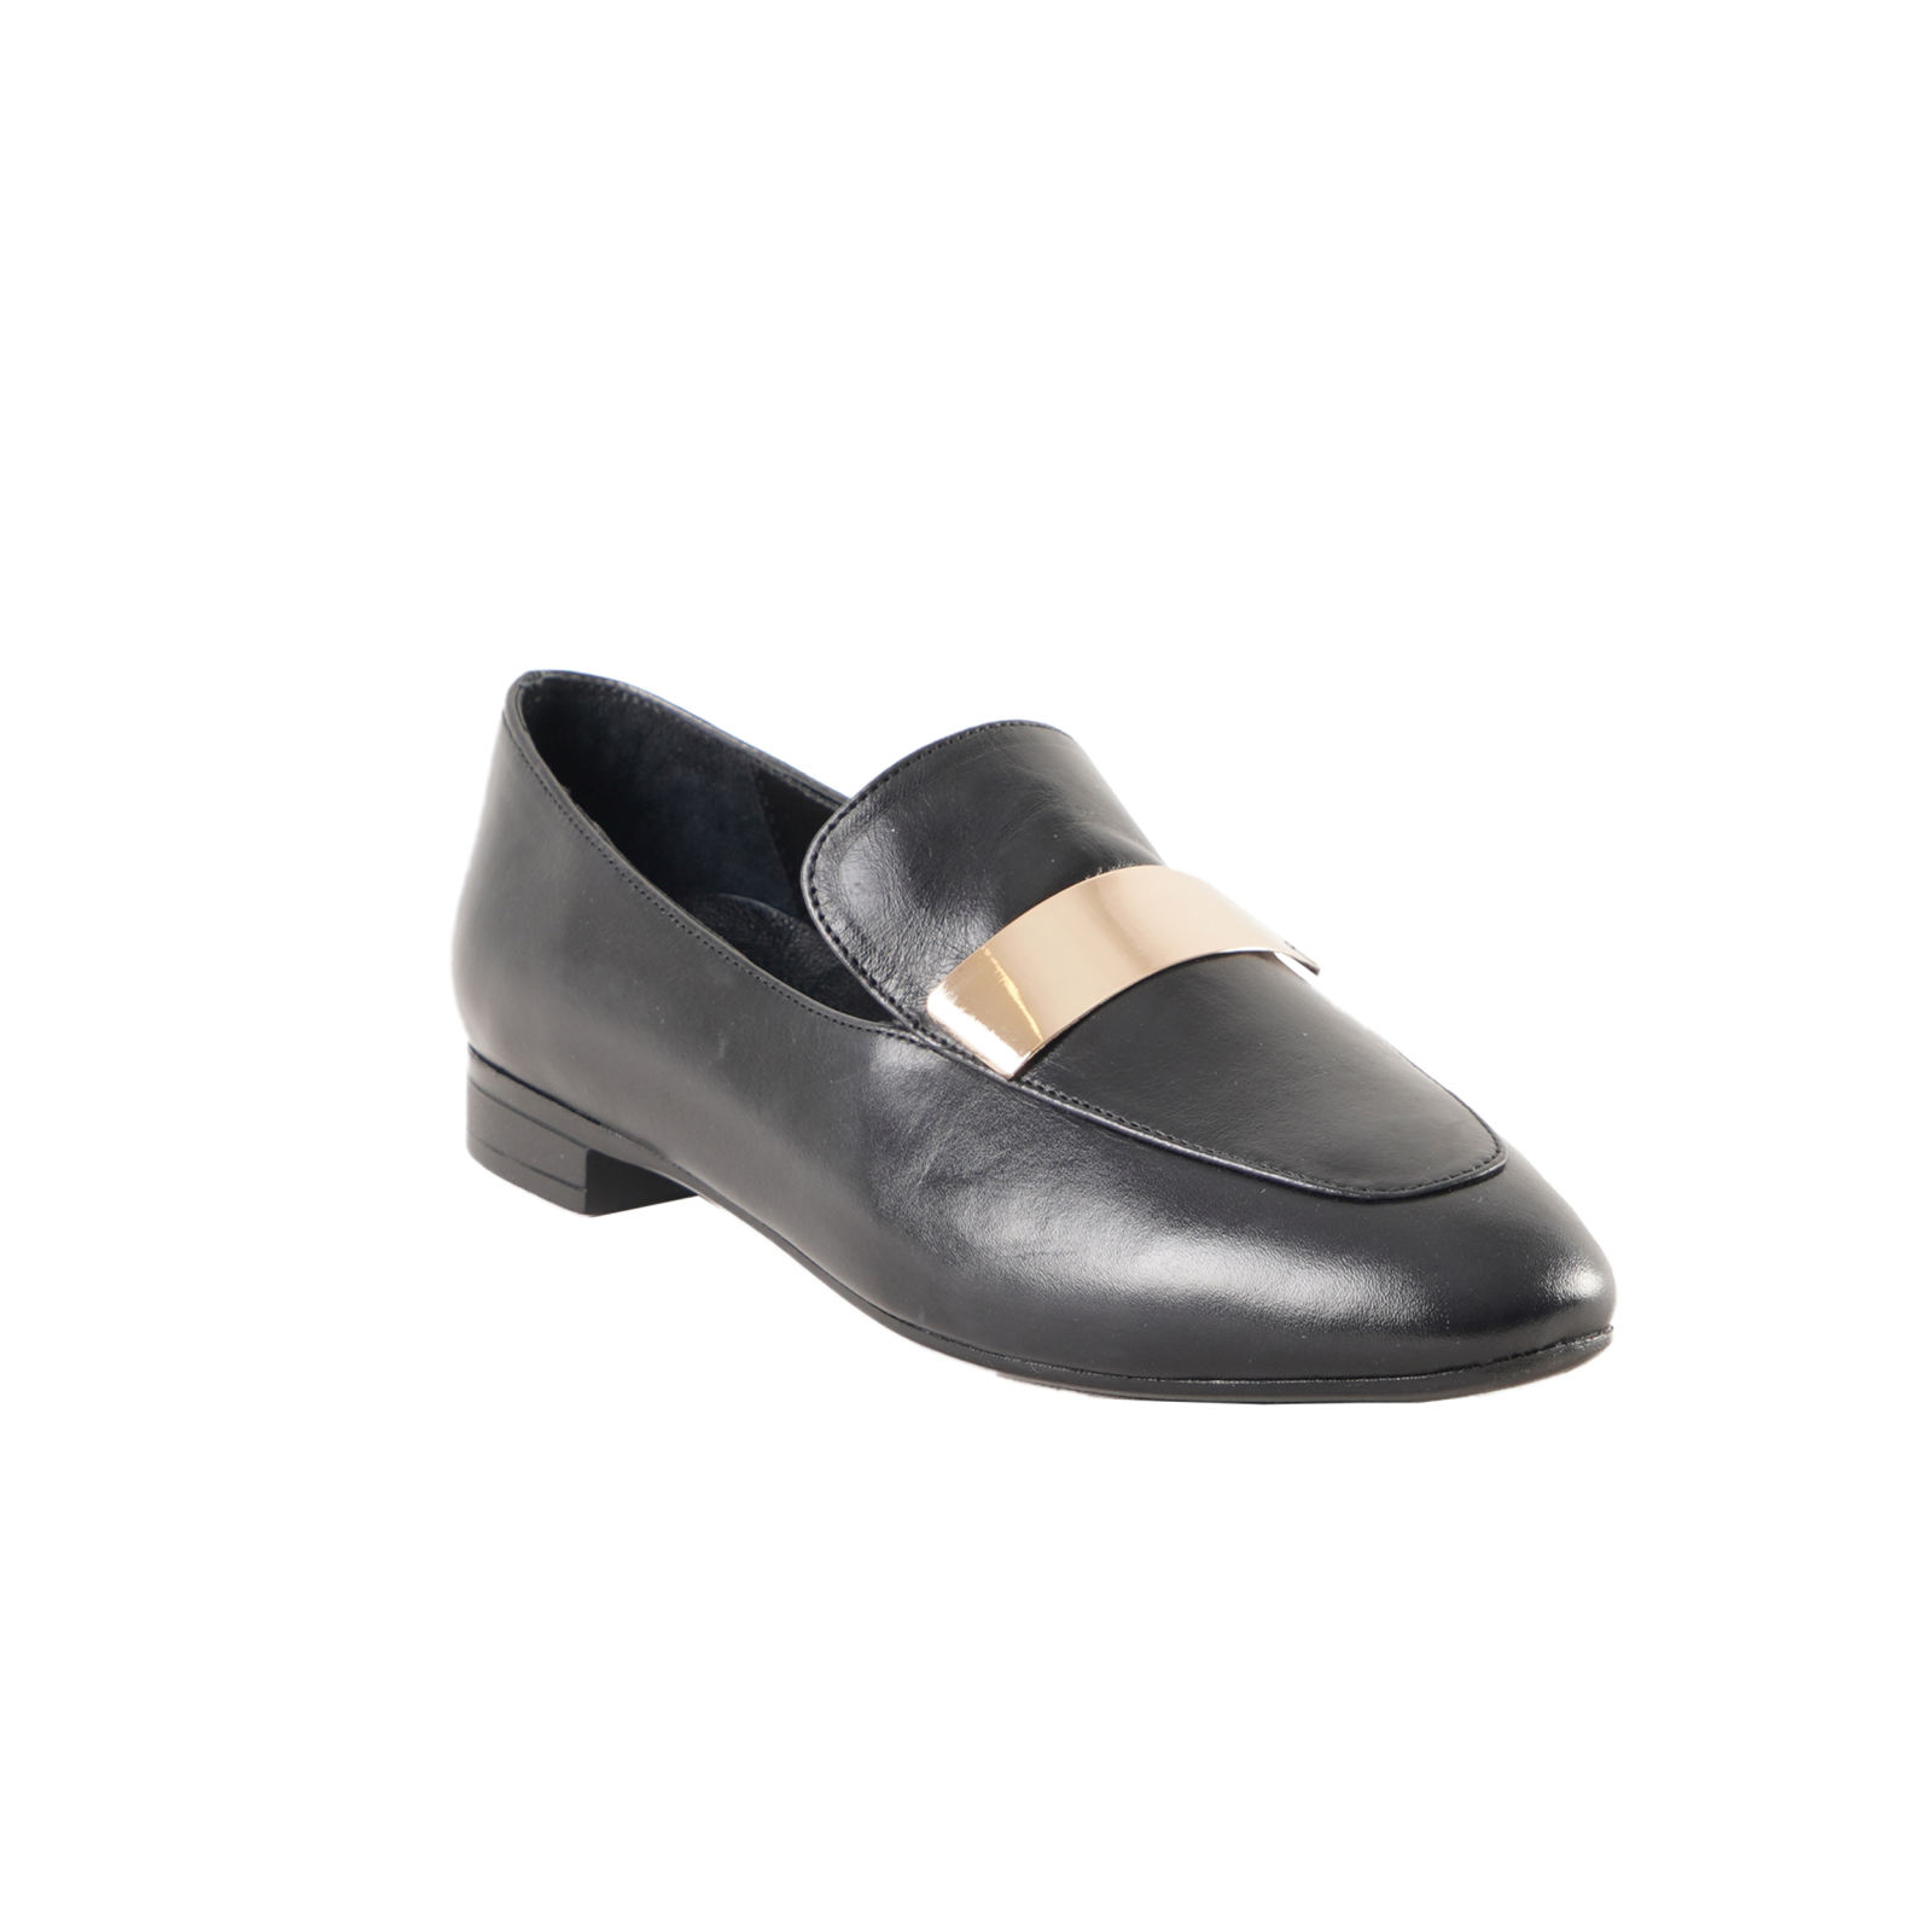 کفش زنانه صاد کد SM1002 -  - 5